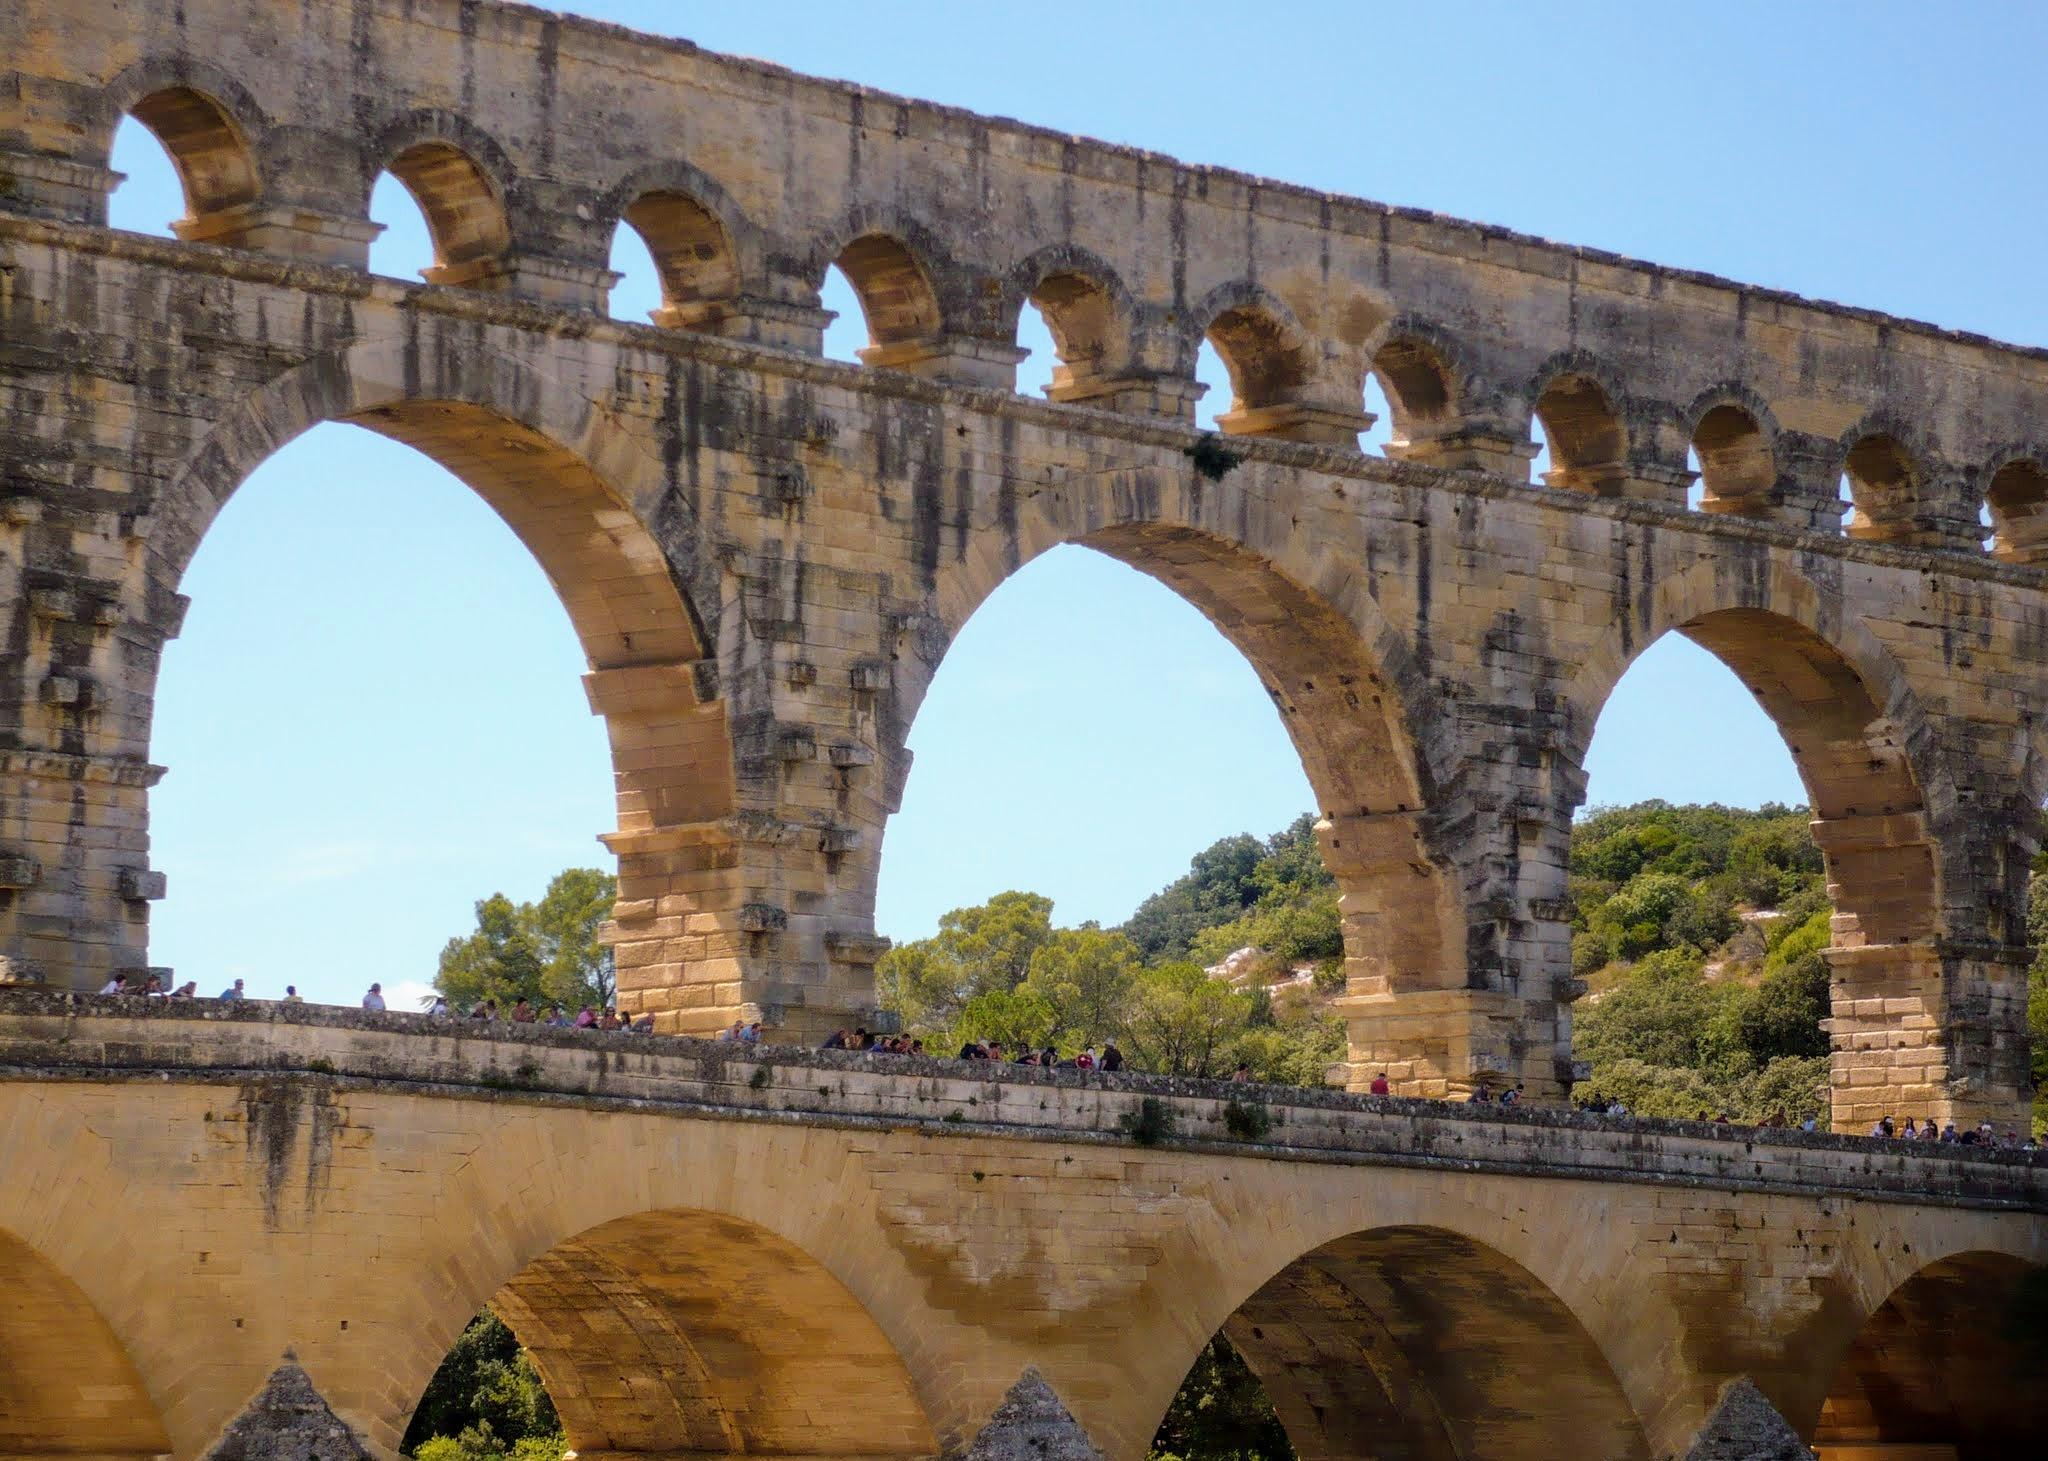 The Pont du Gard, a Roman aqueduct now a UNESCO heritage site